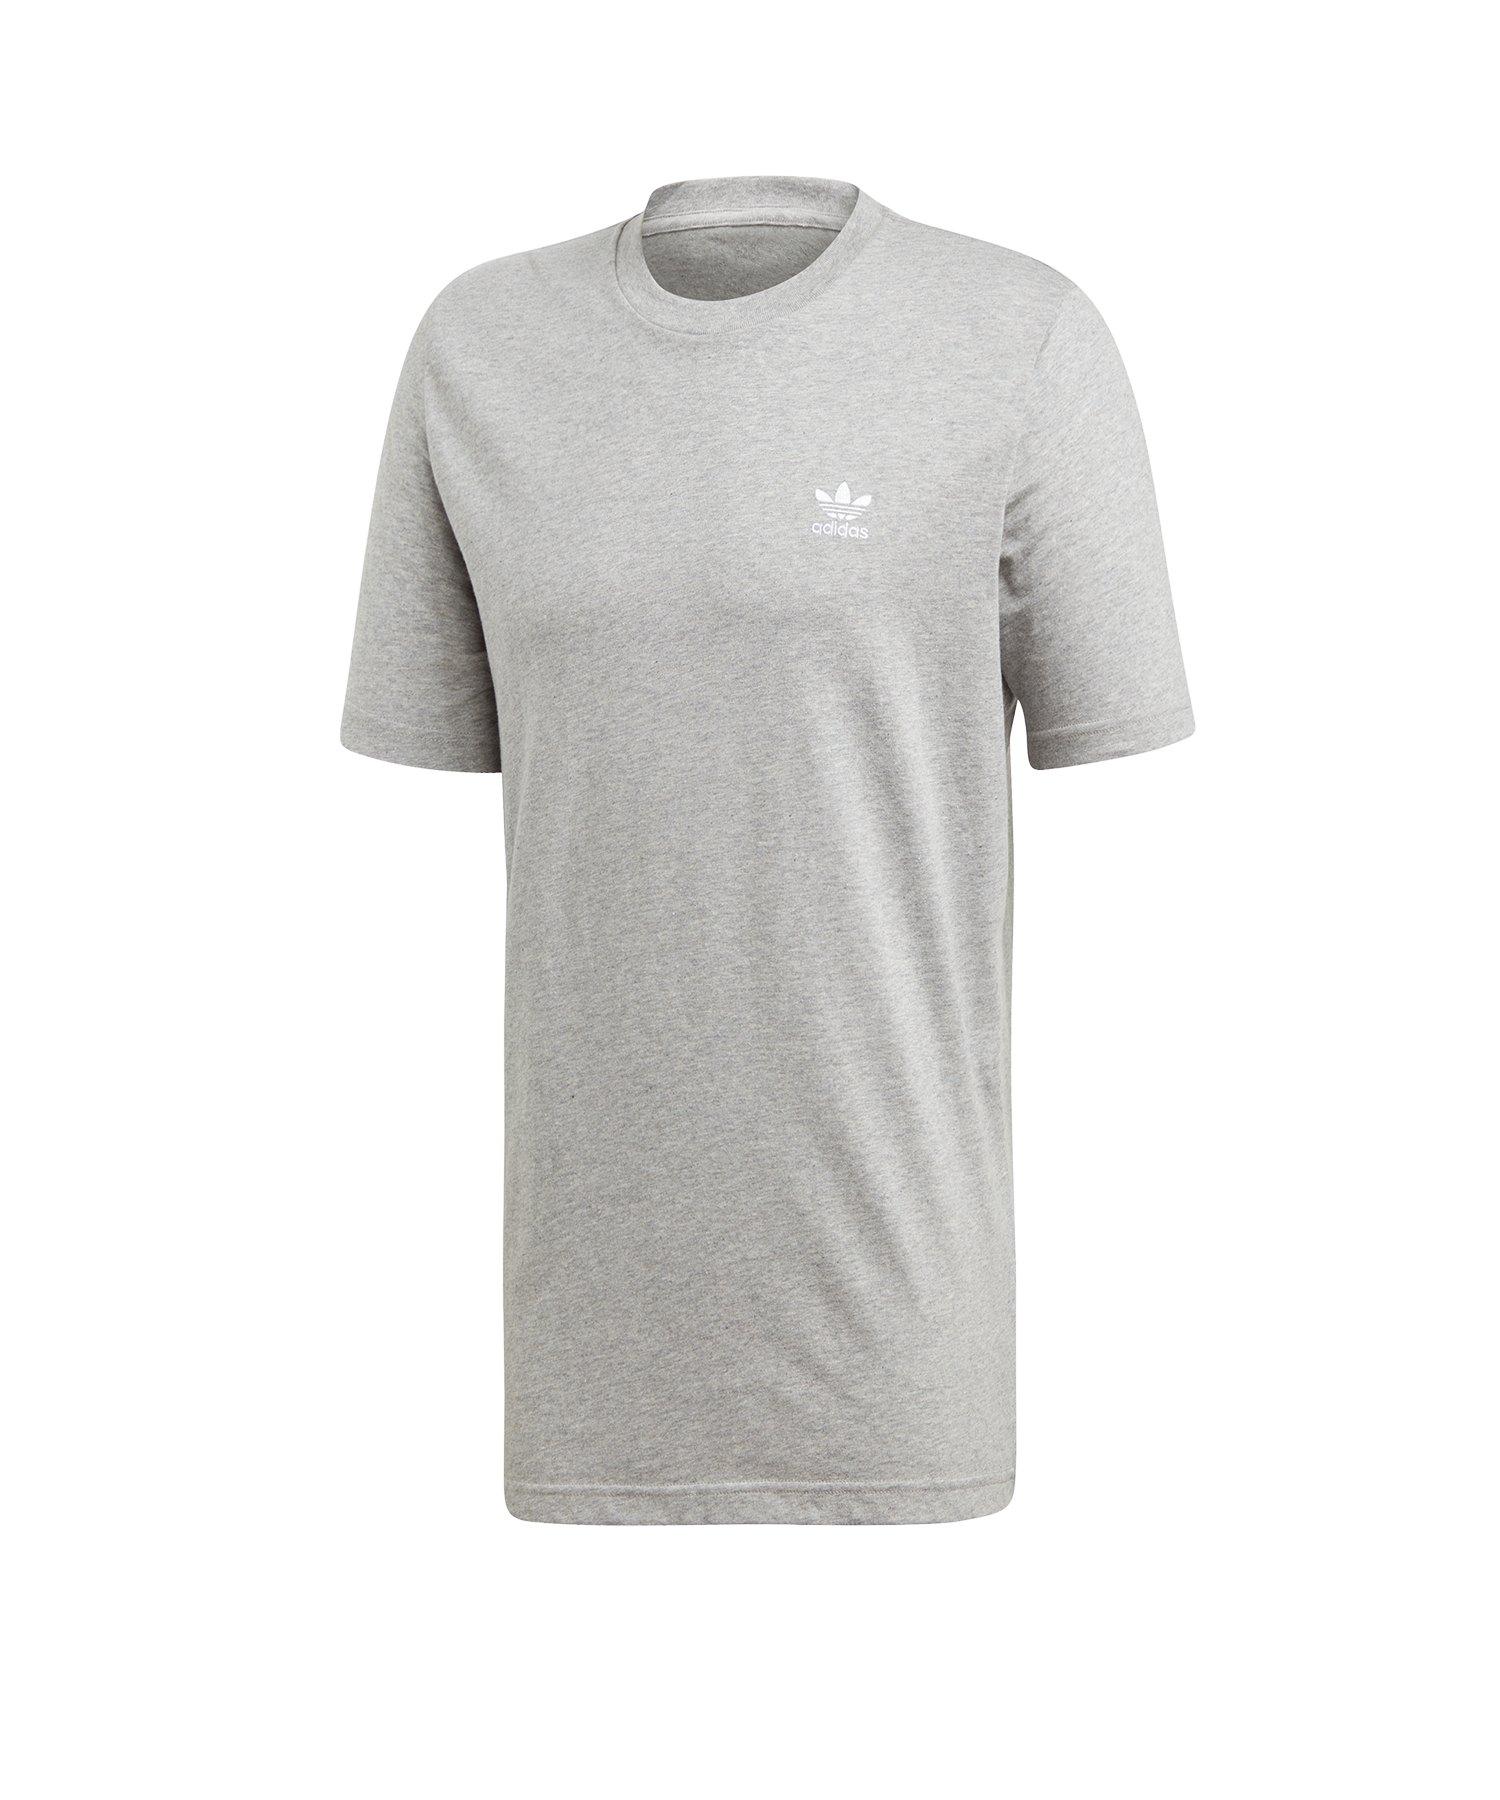 adidas Originals Essential T Shirt Grau